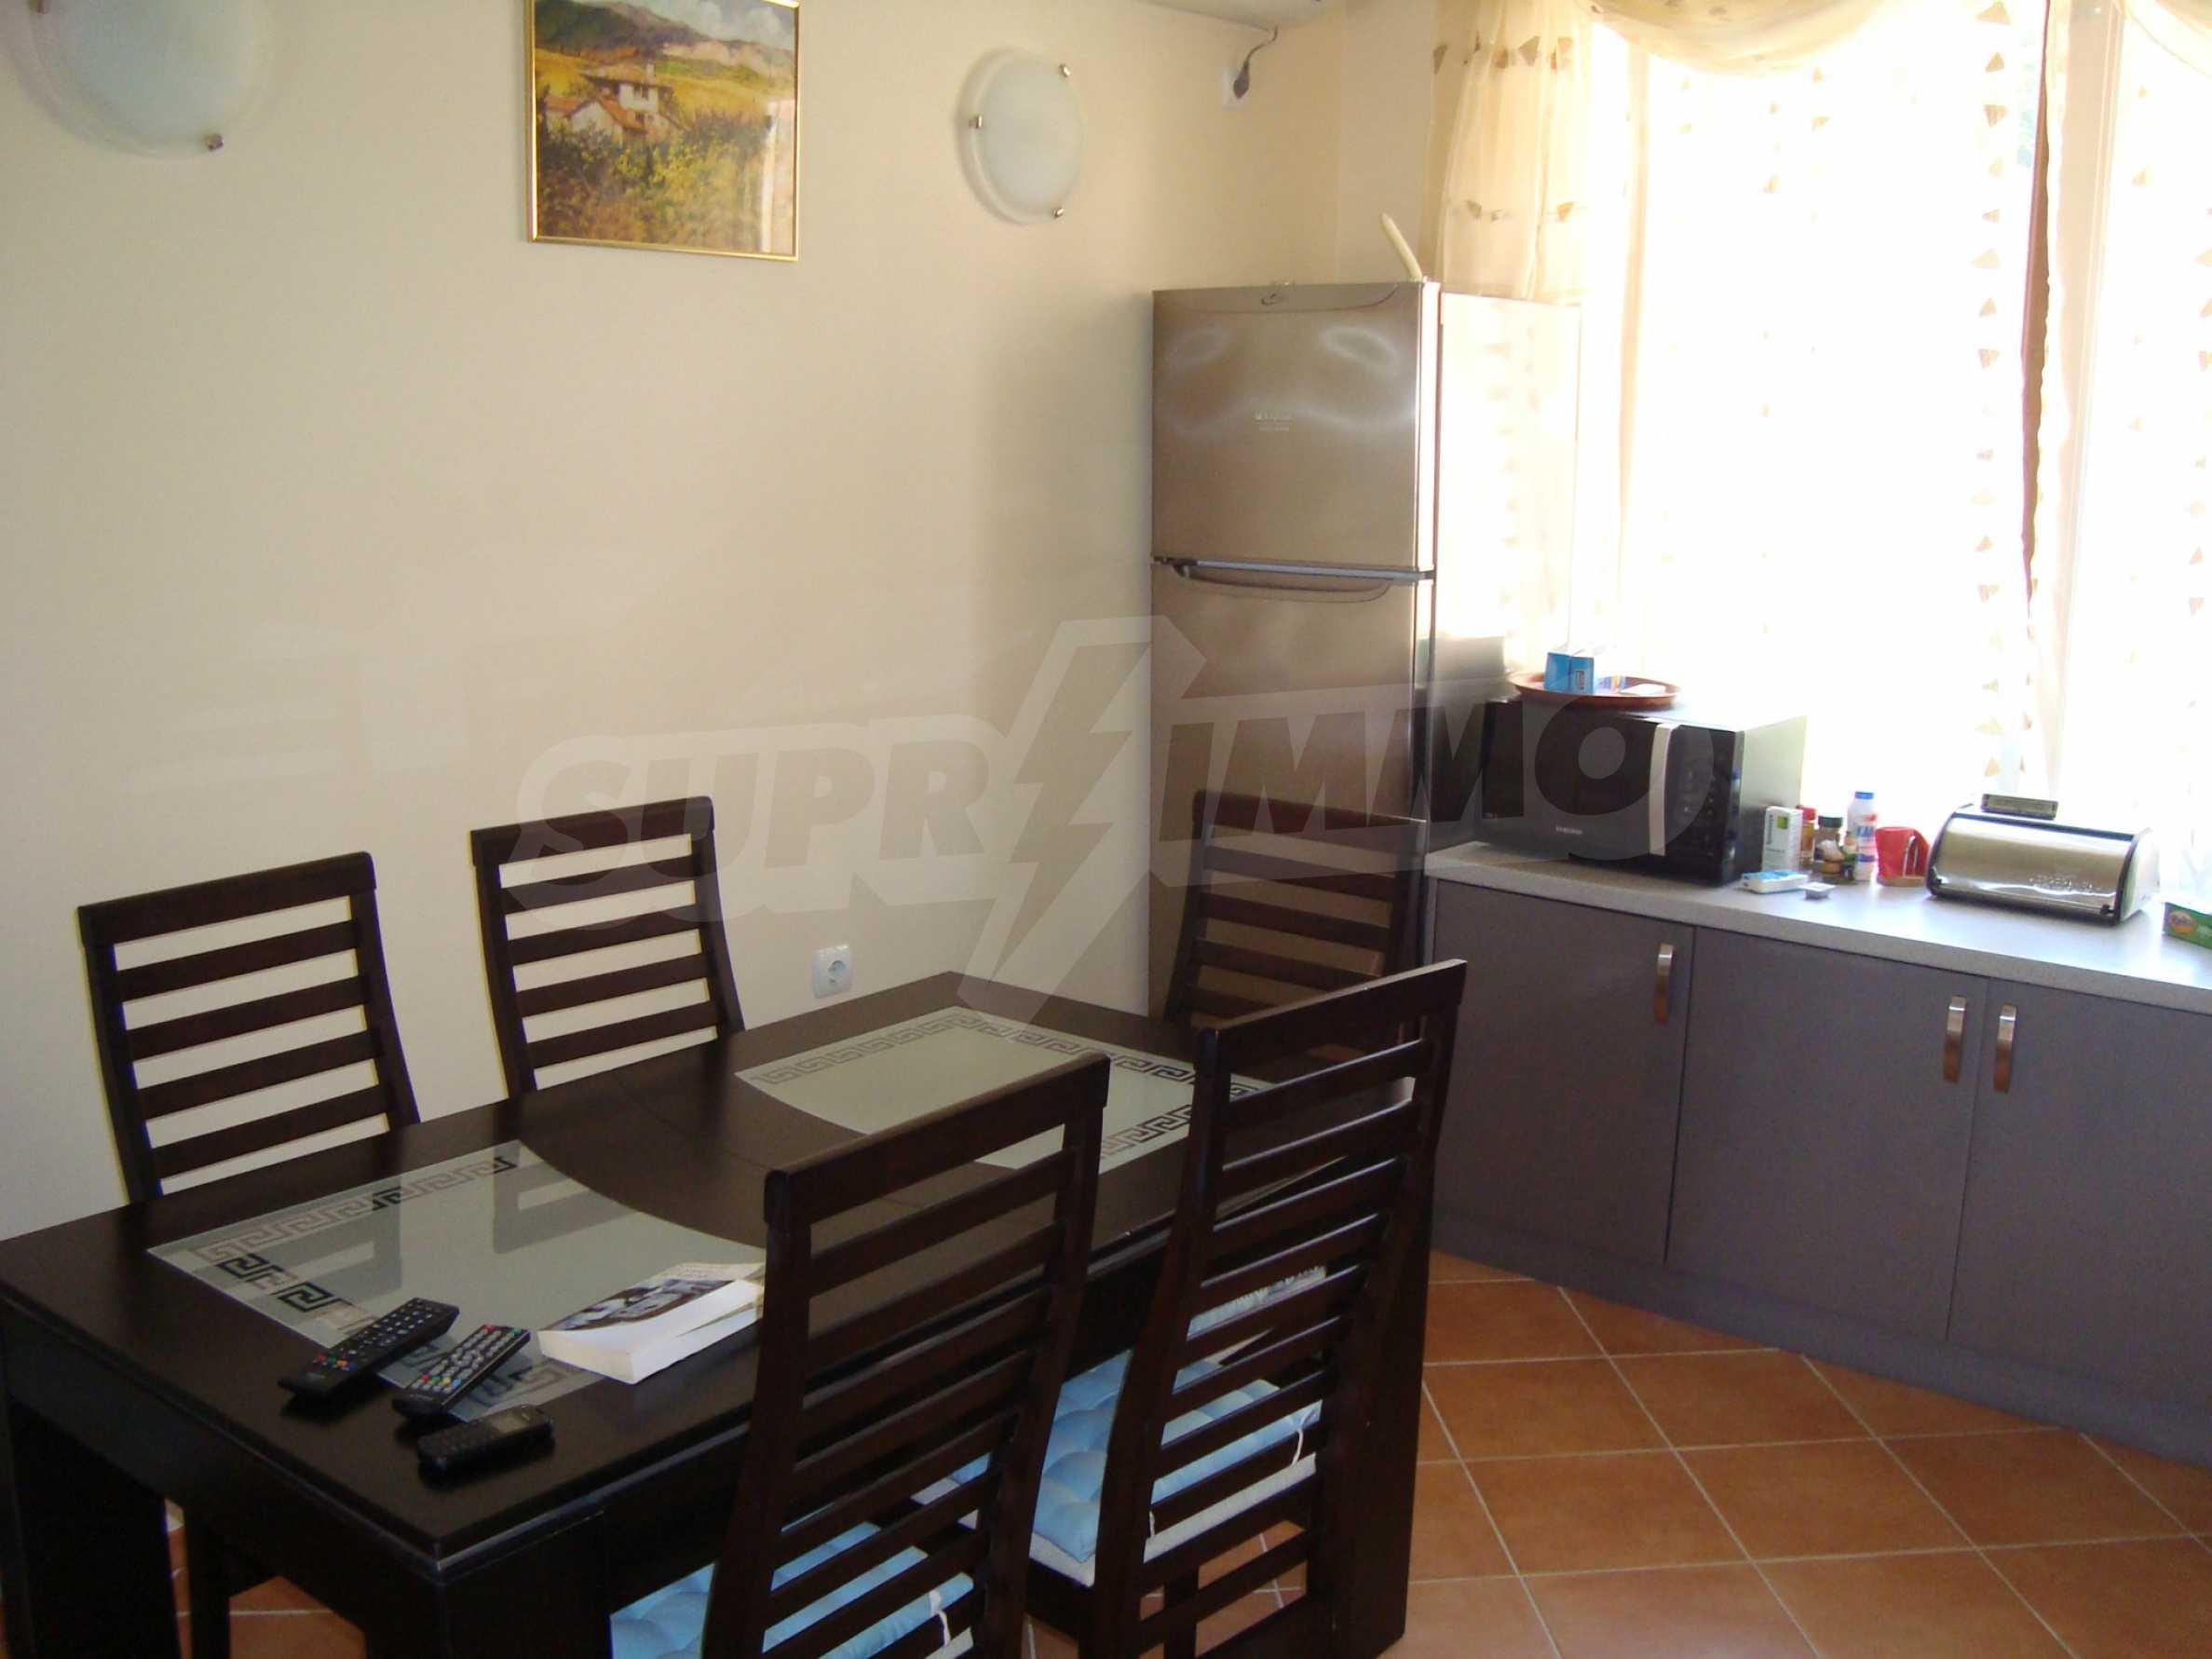 2-stöckige Villa zum Verkauf in Elenite Feriendorf, 16